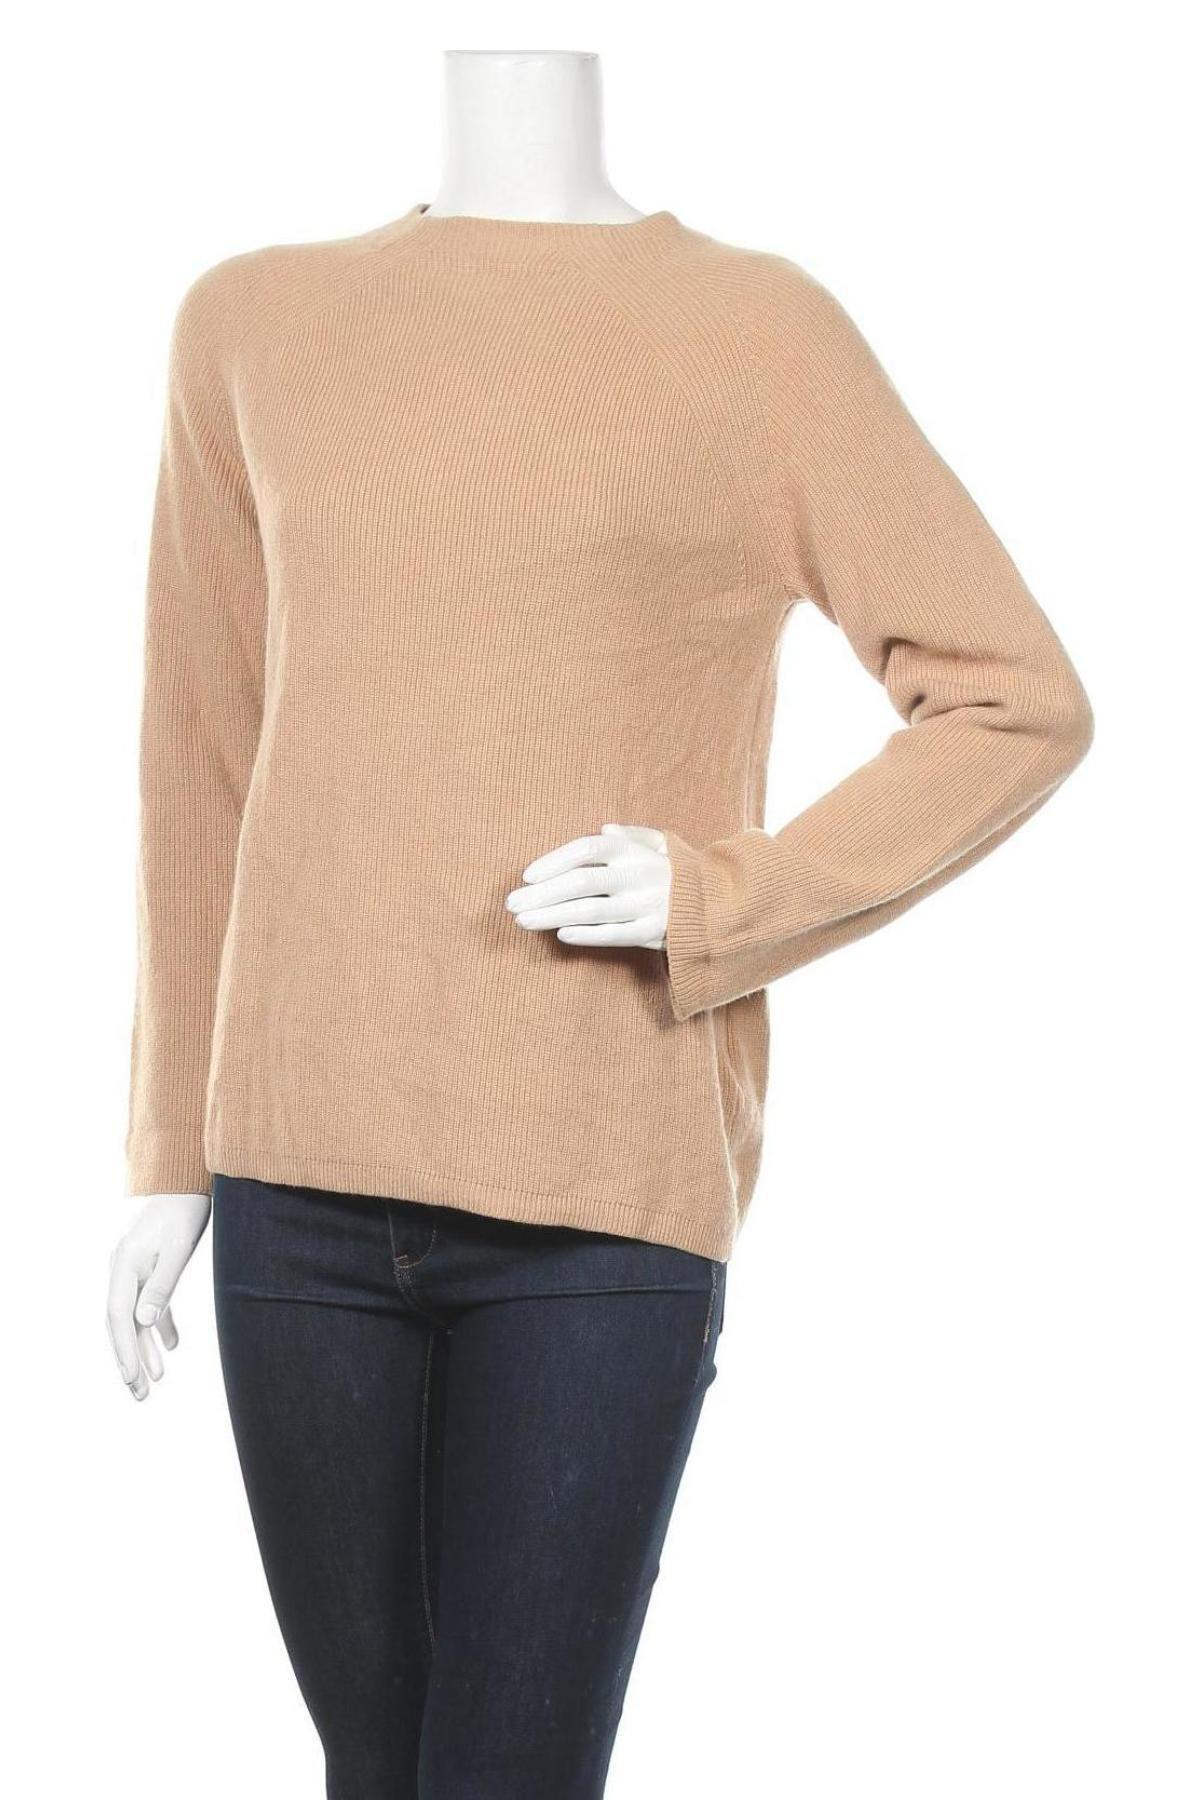 Γυναικείο πουλόβερ Massimo Dutti, Μέγεθος M, Χρώμα  Μπέζ, 50% μαλλί, 28% βισκόζη, 18% πολυαμίδη, 4% κασμίρι, Τιμή 35,57€